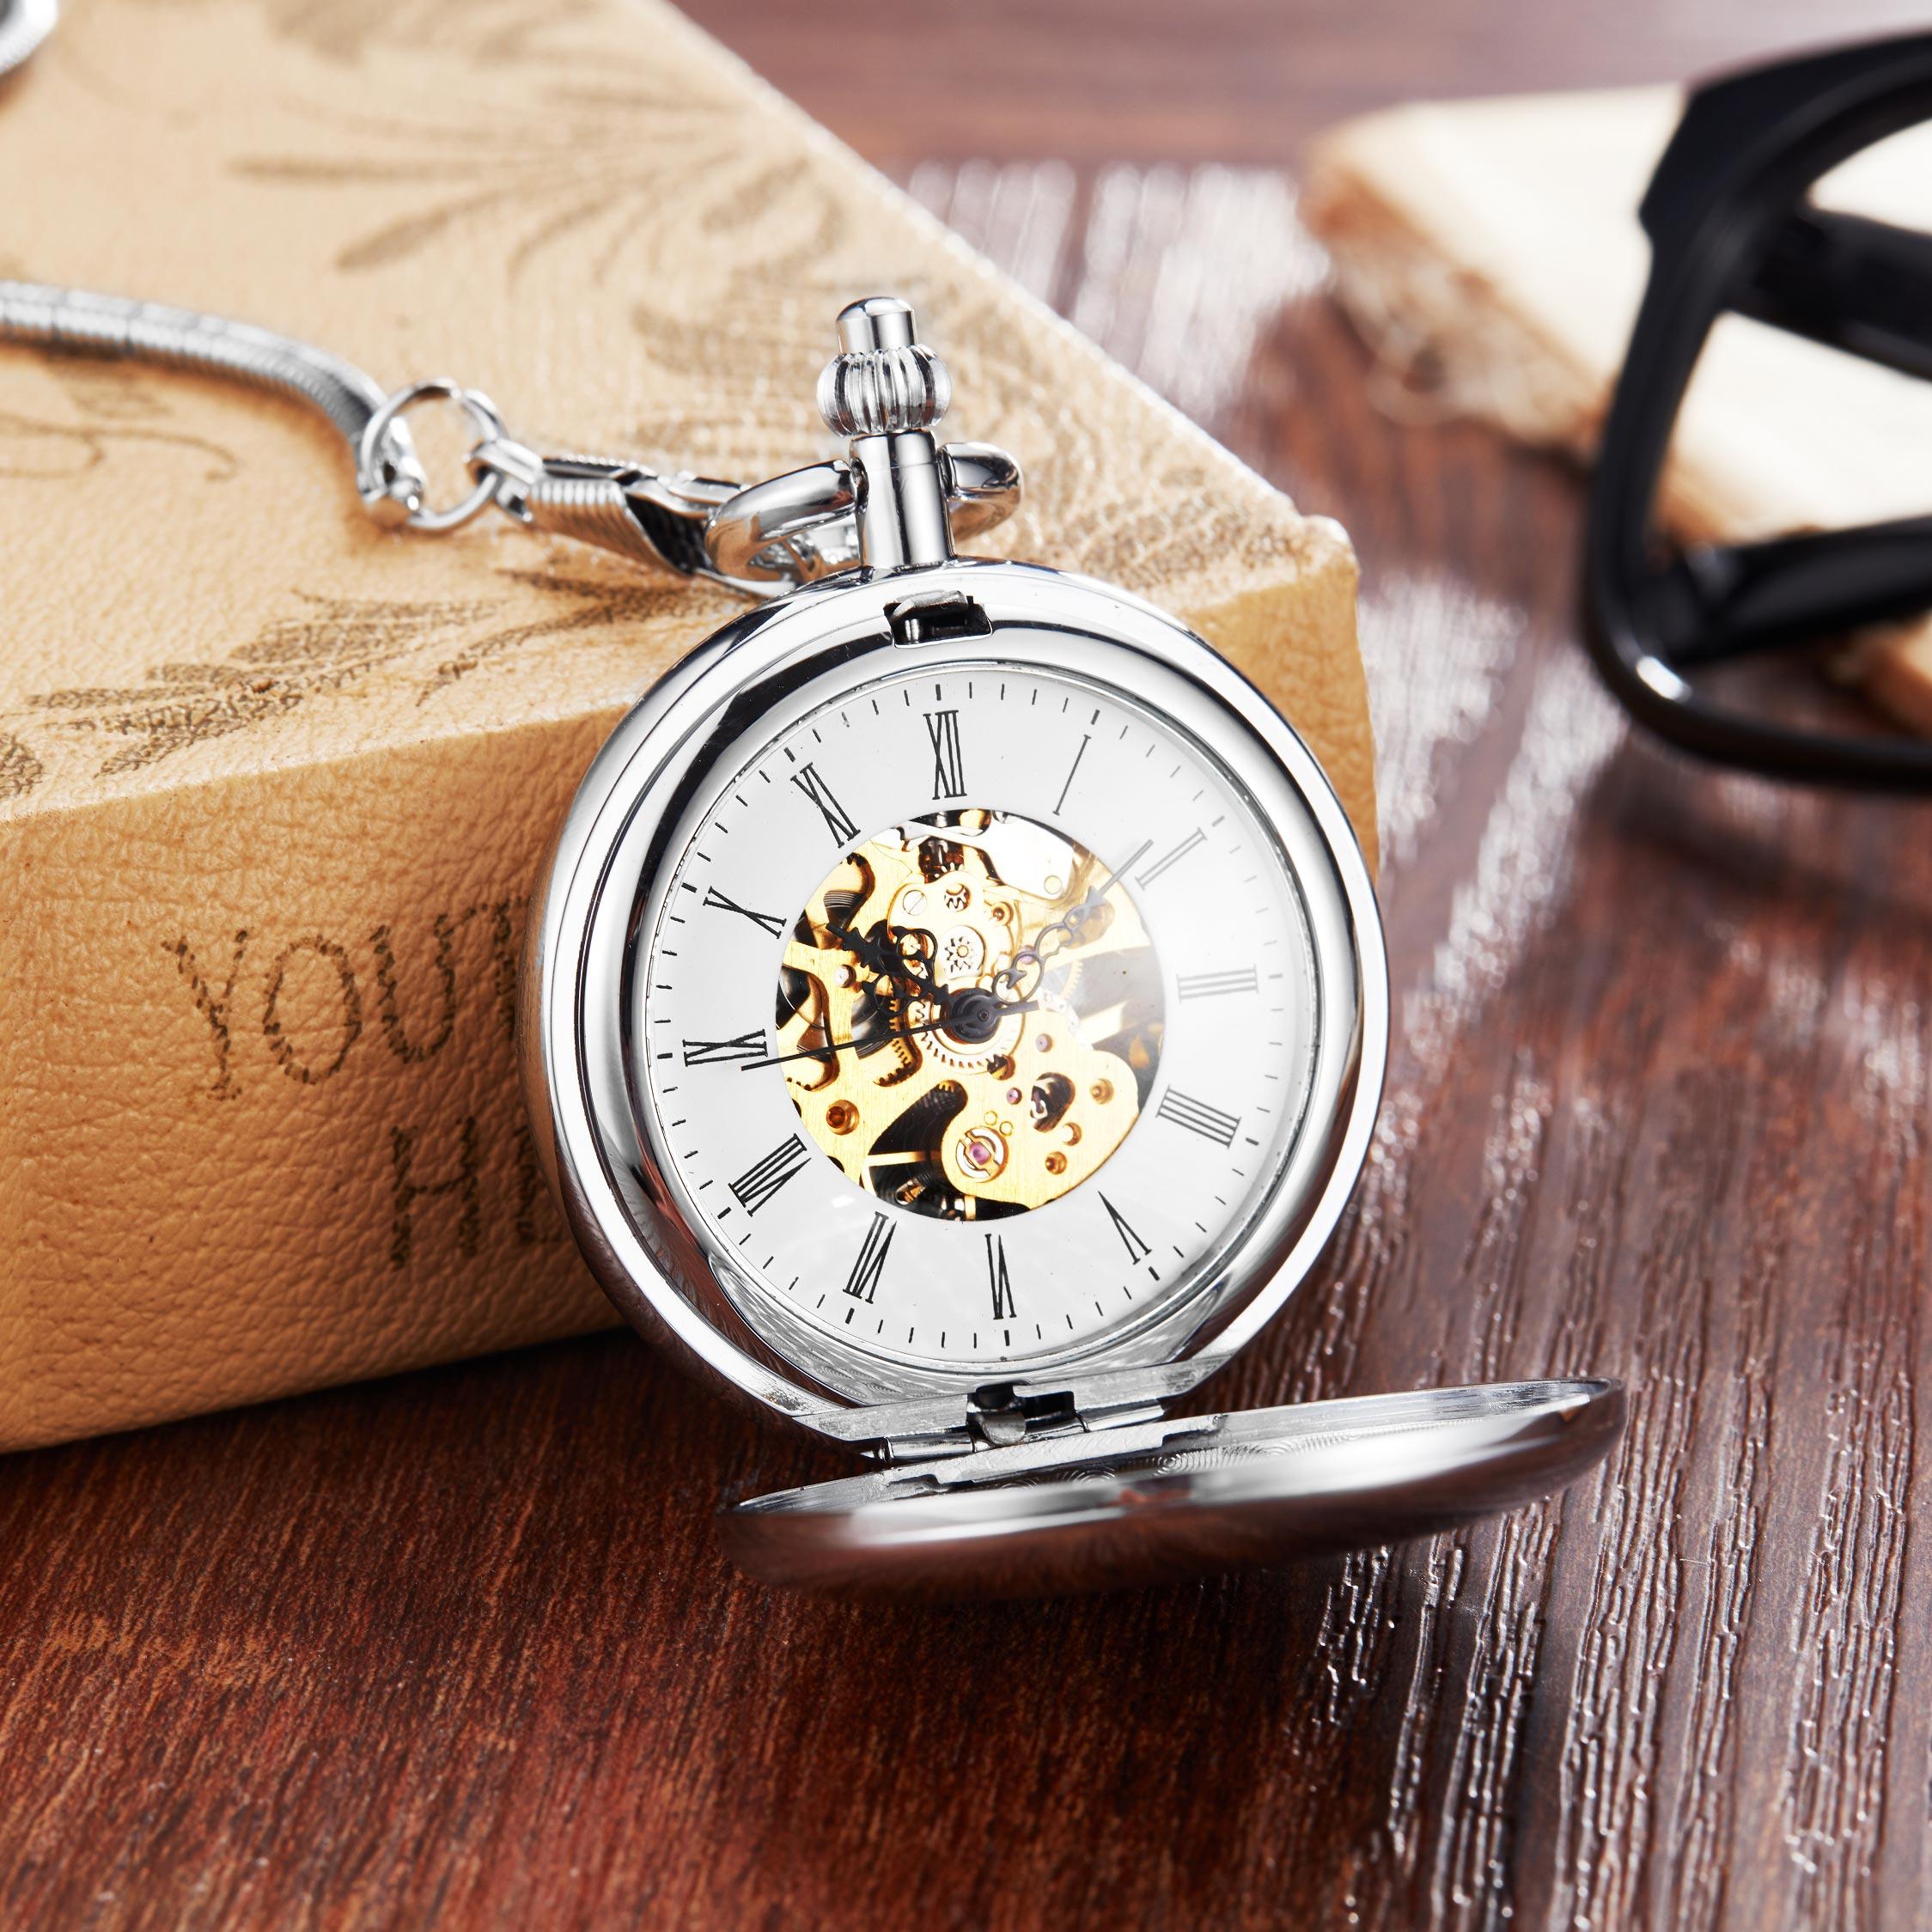 Vintage rétro cuivre montre de poche collier chaîne pendentif Antique Steampunk hommes Quartz montres de poche